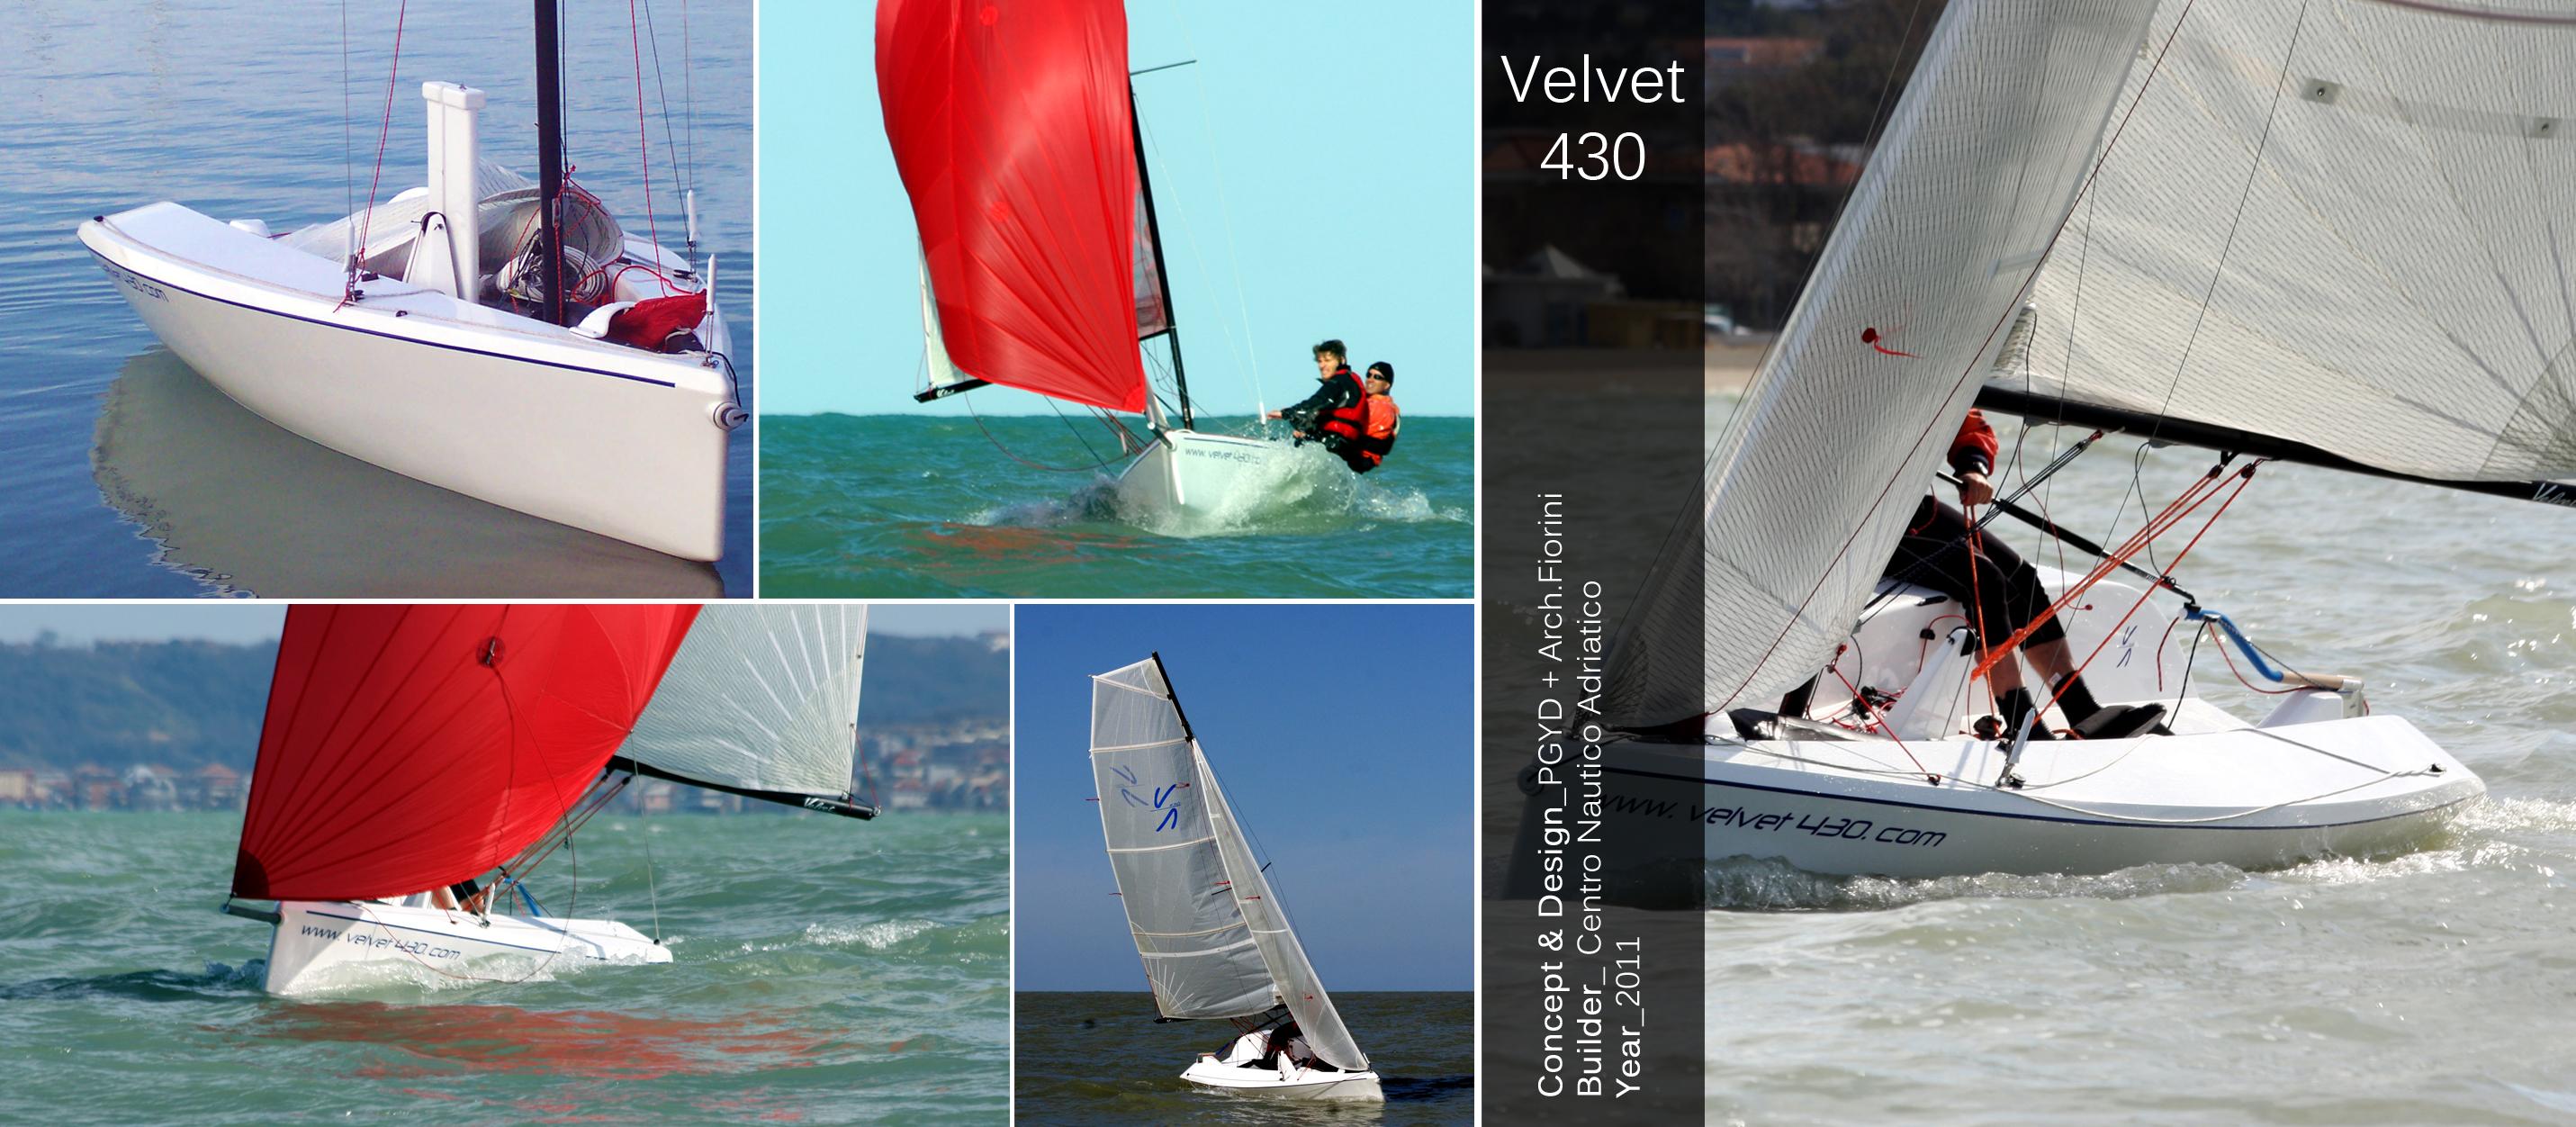 Velvet 430